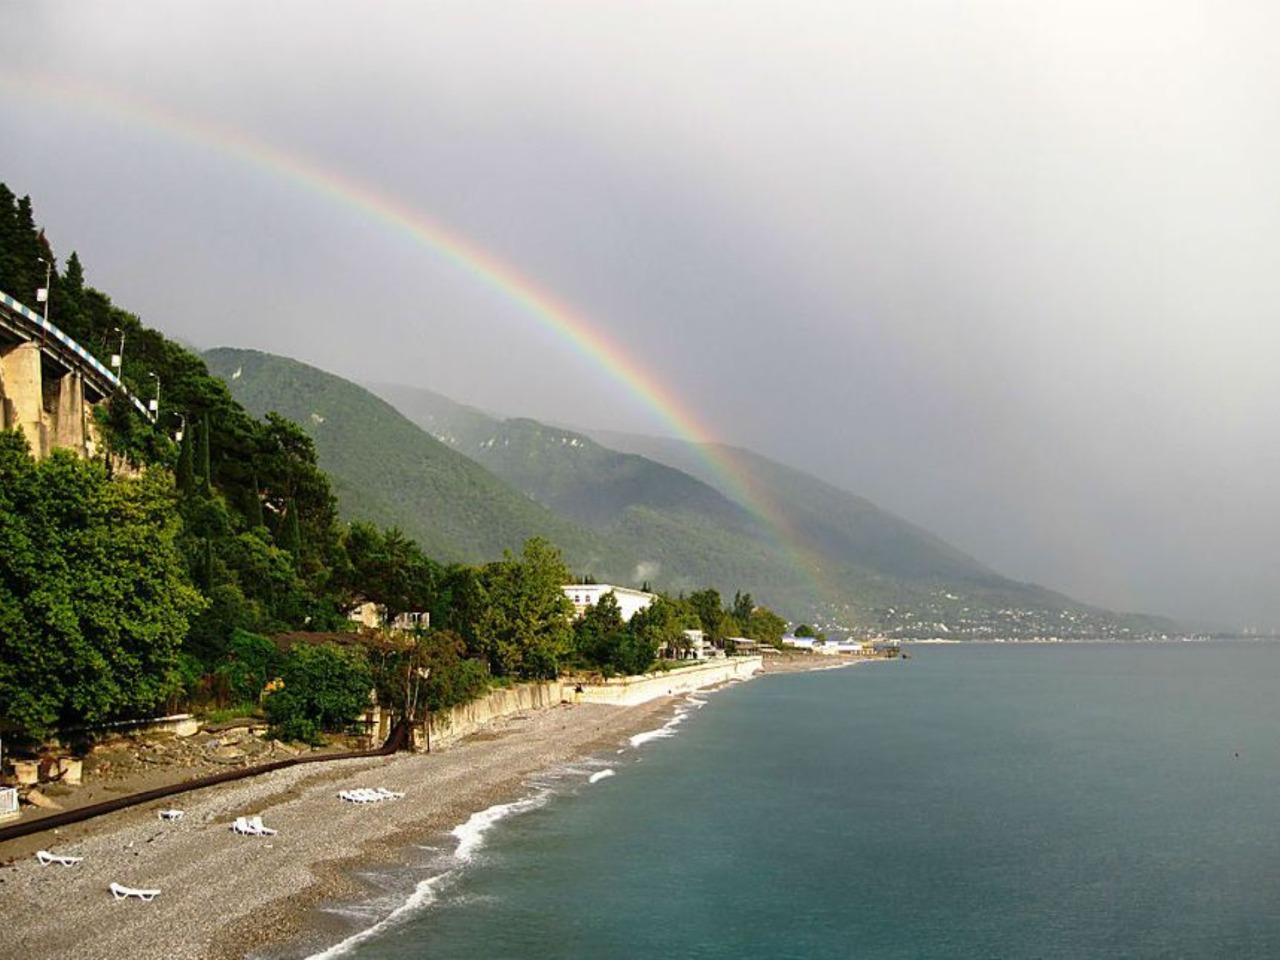 У природы нет плохой погоды: Абхазия в дождь - индивидуальная экскурсия в Сочи от опытного гида